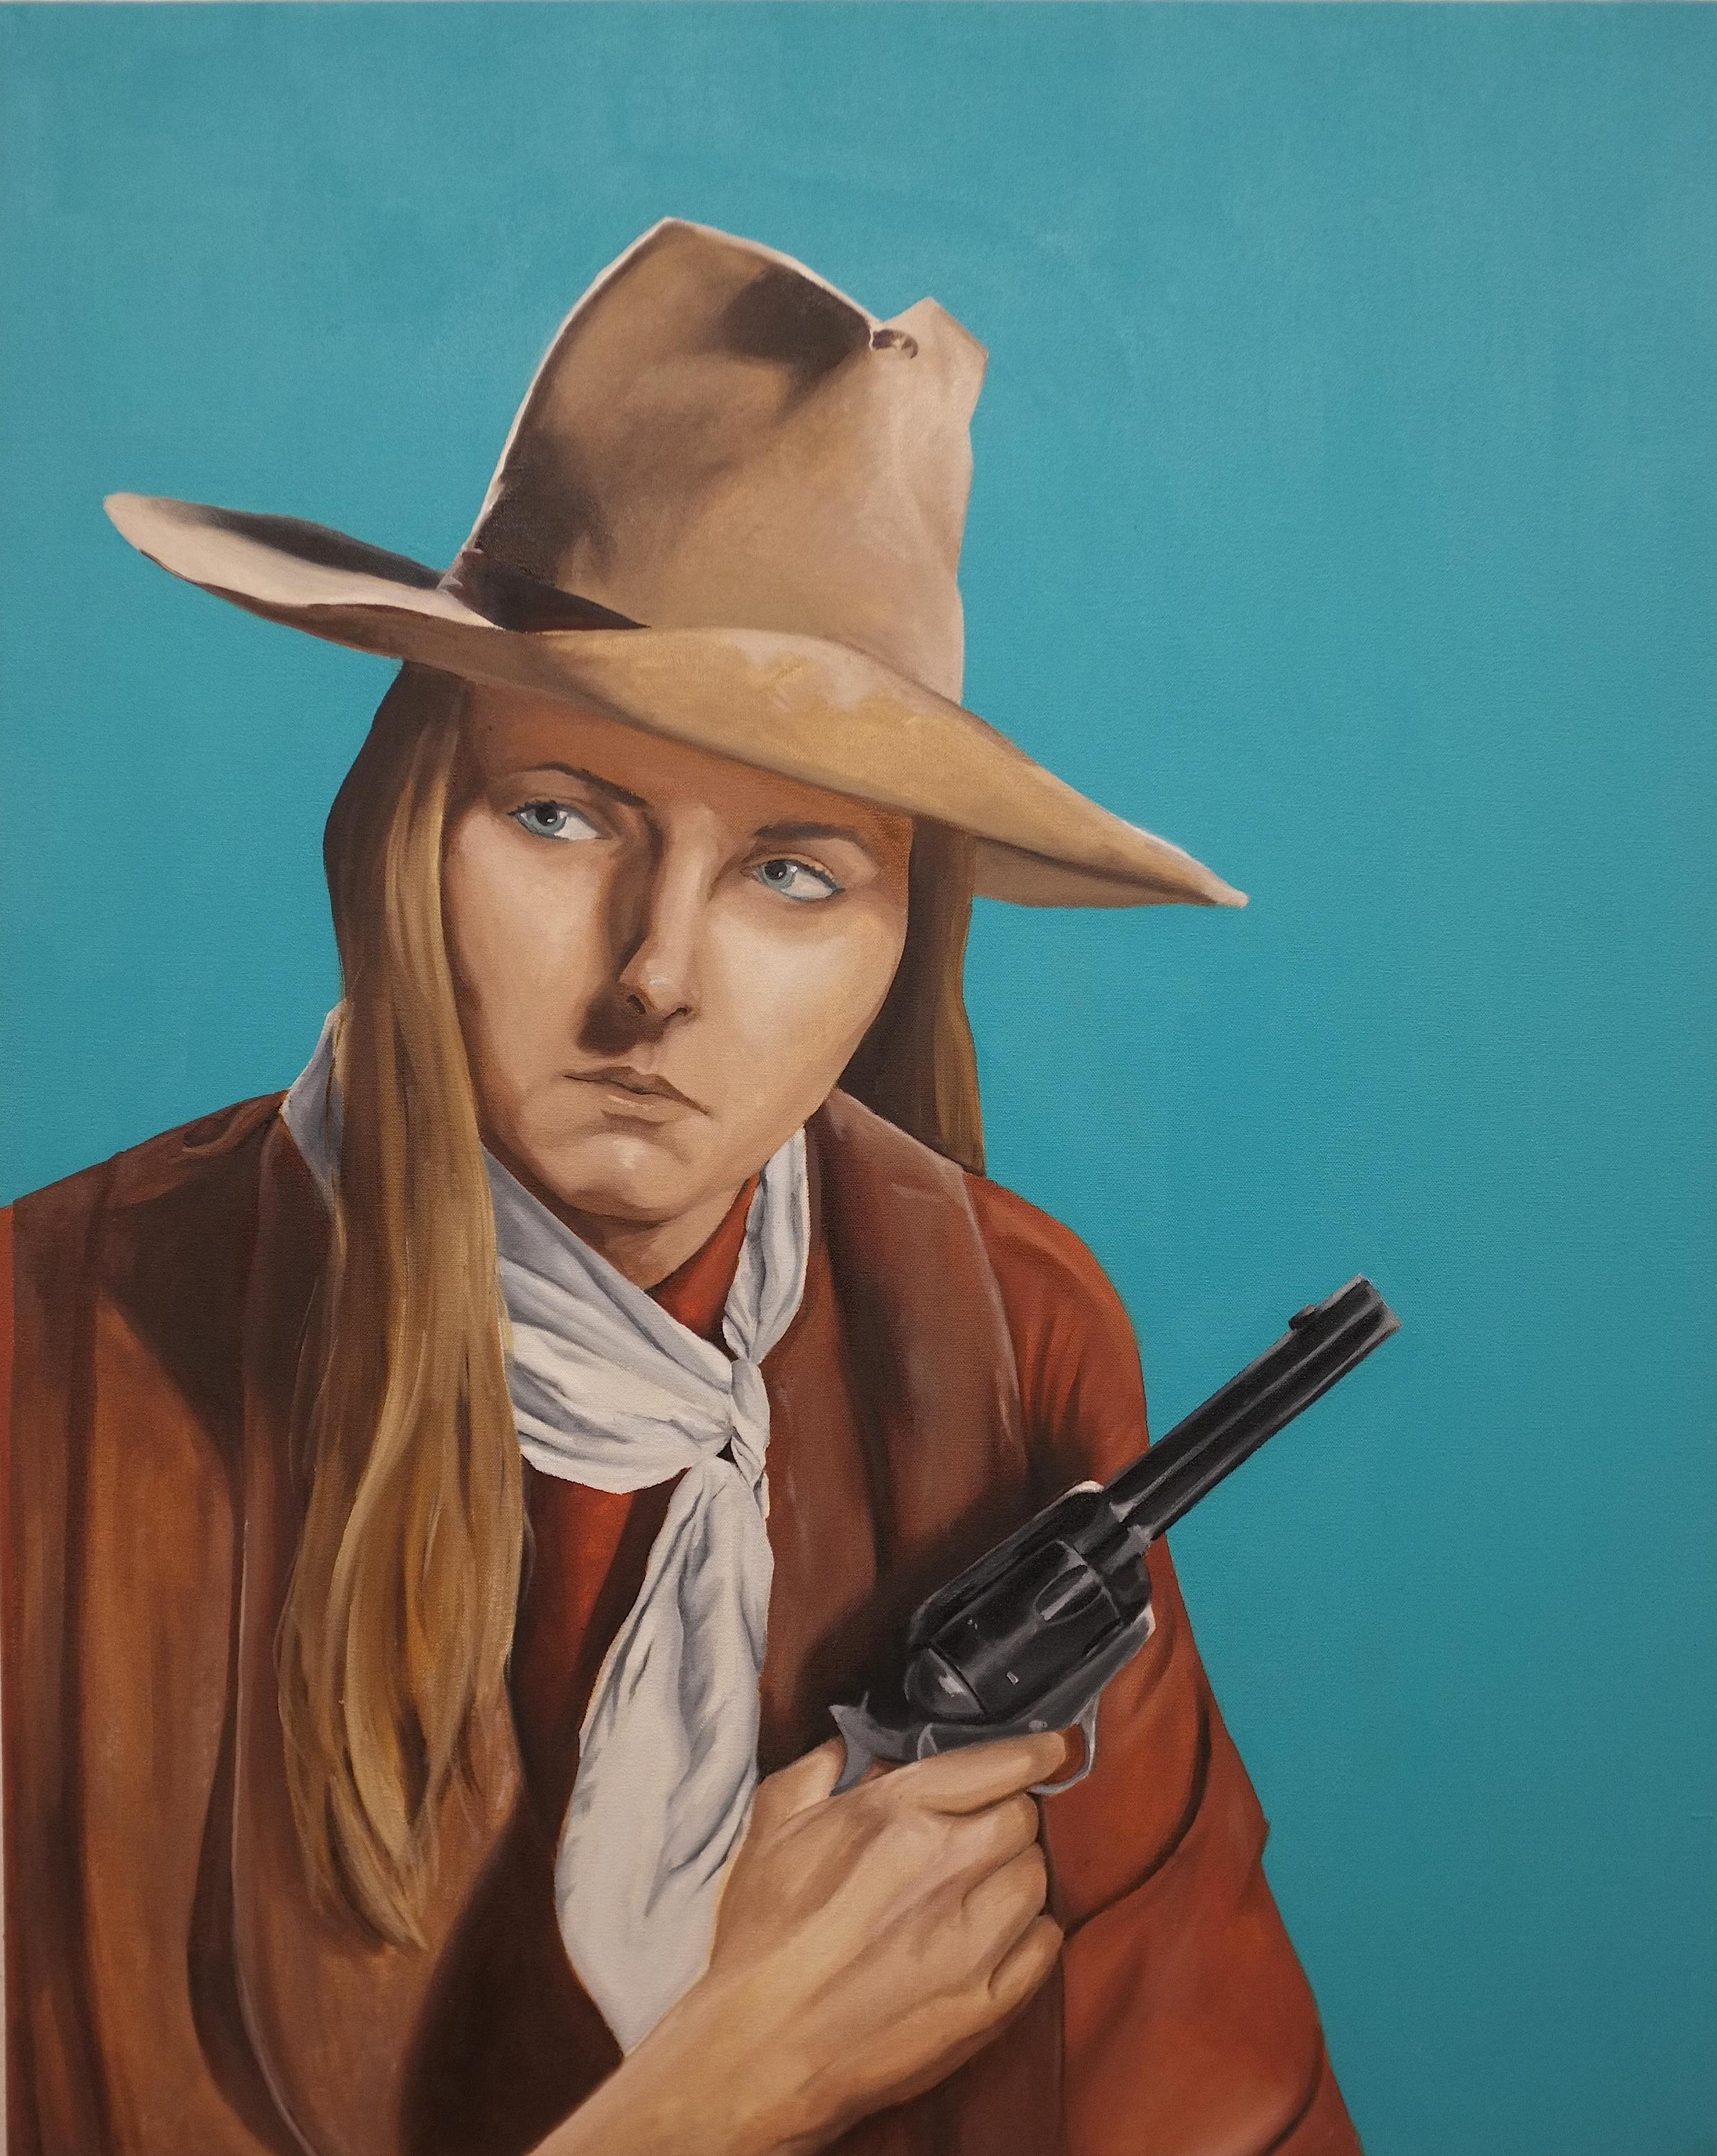 Self-Portrait as John Wayne (2016)